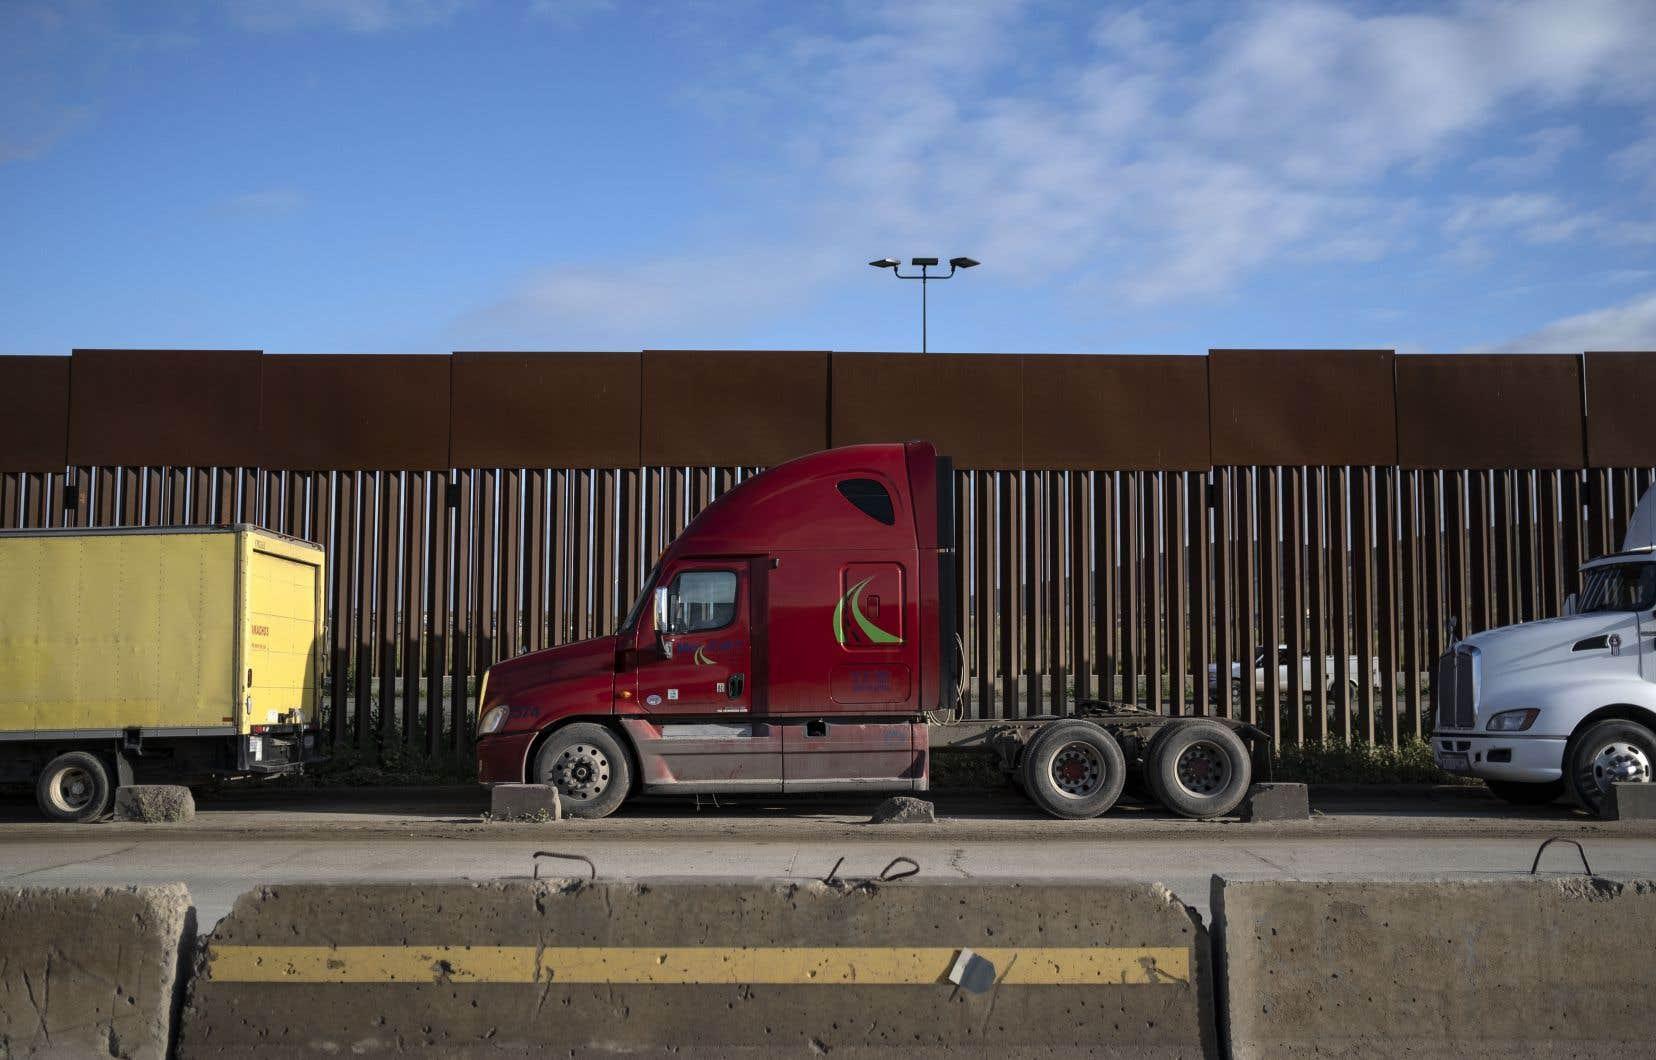 Le secrétaire américain à la Sécurité intérieure, Chad Wolf, a précisé que cette fermeture ne concernait pas le «commerce légal».